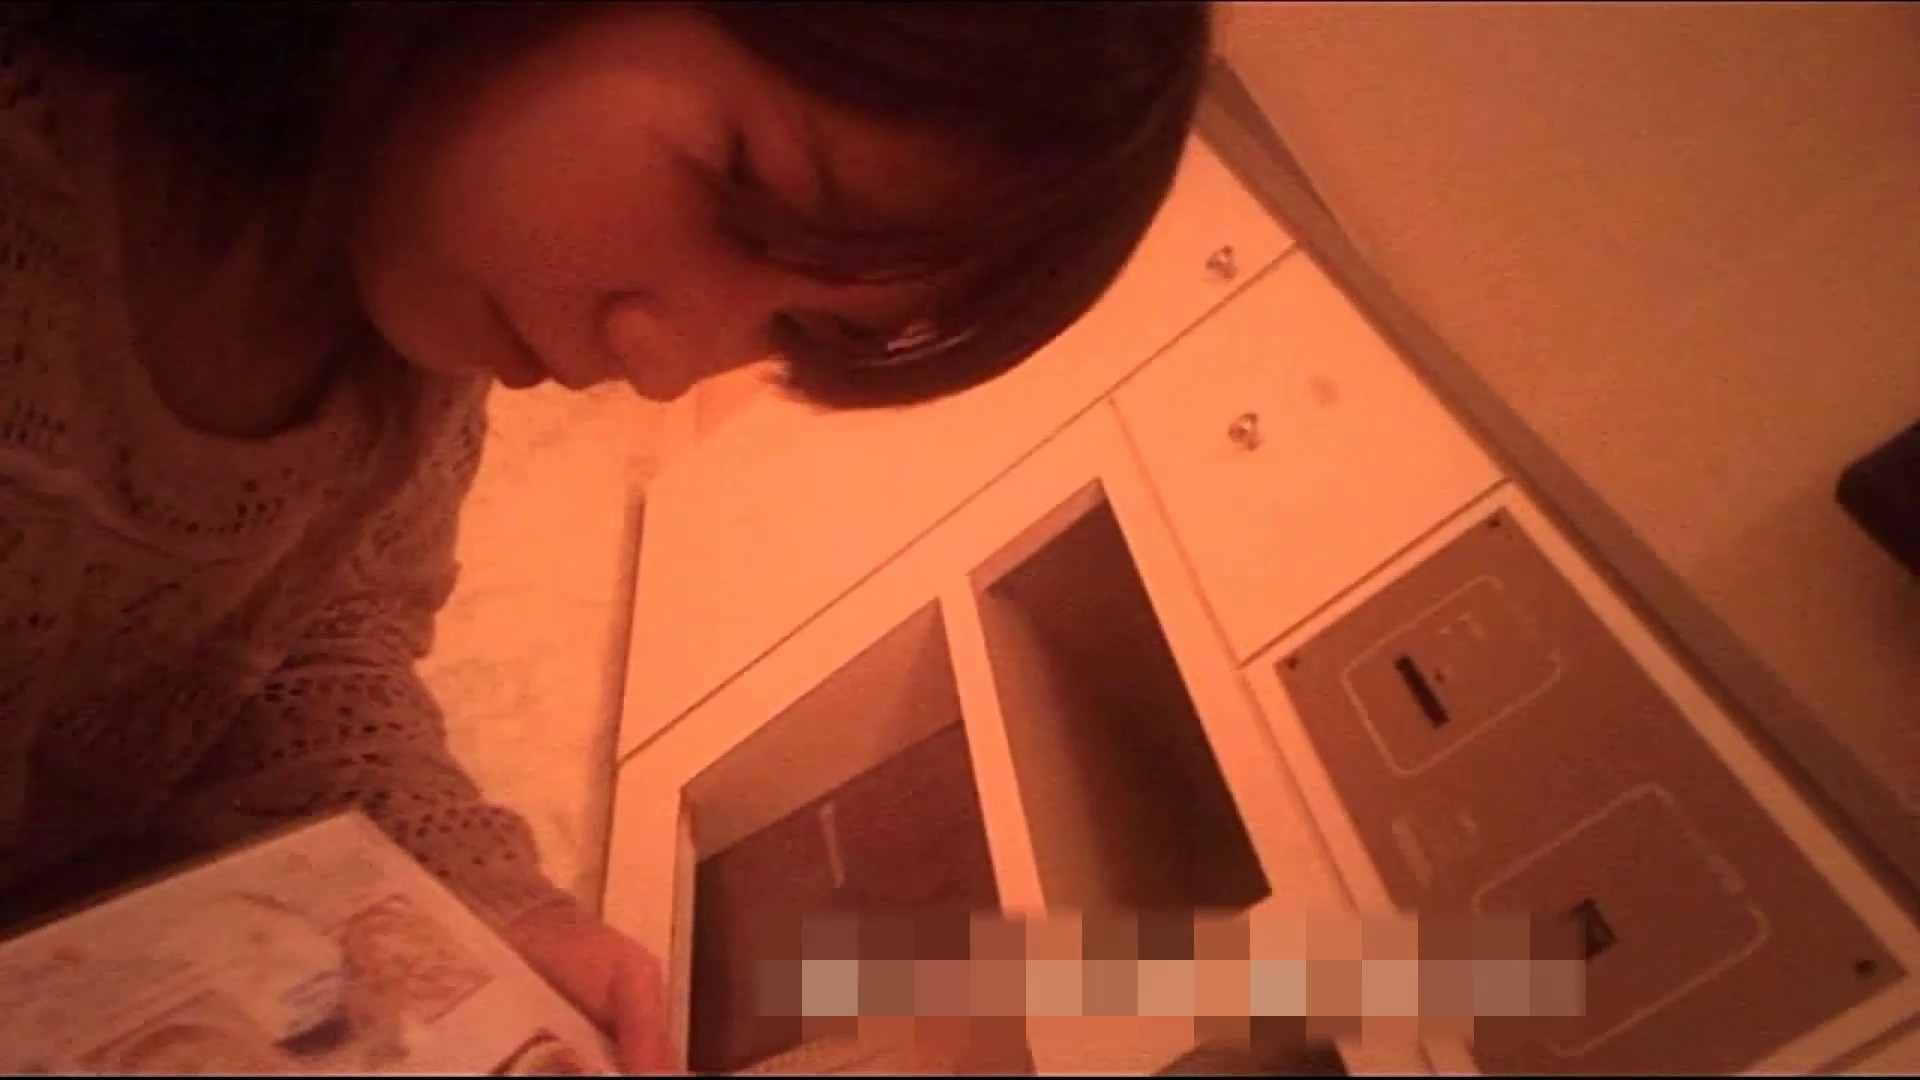 爆乳!!教育学部 じゅんちゃん  Vol.31 脱衣編 お姉さん攻略 エロ無料画像 50画像 12